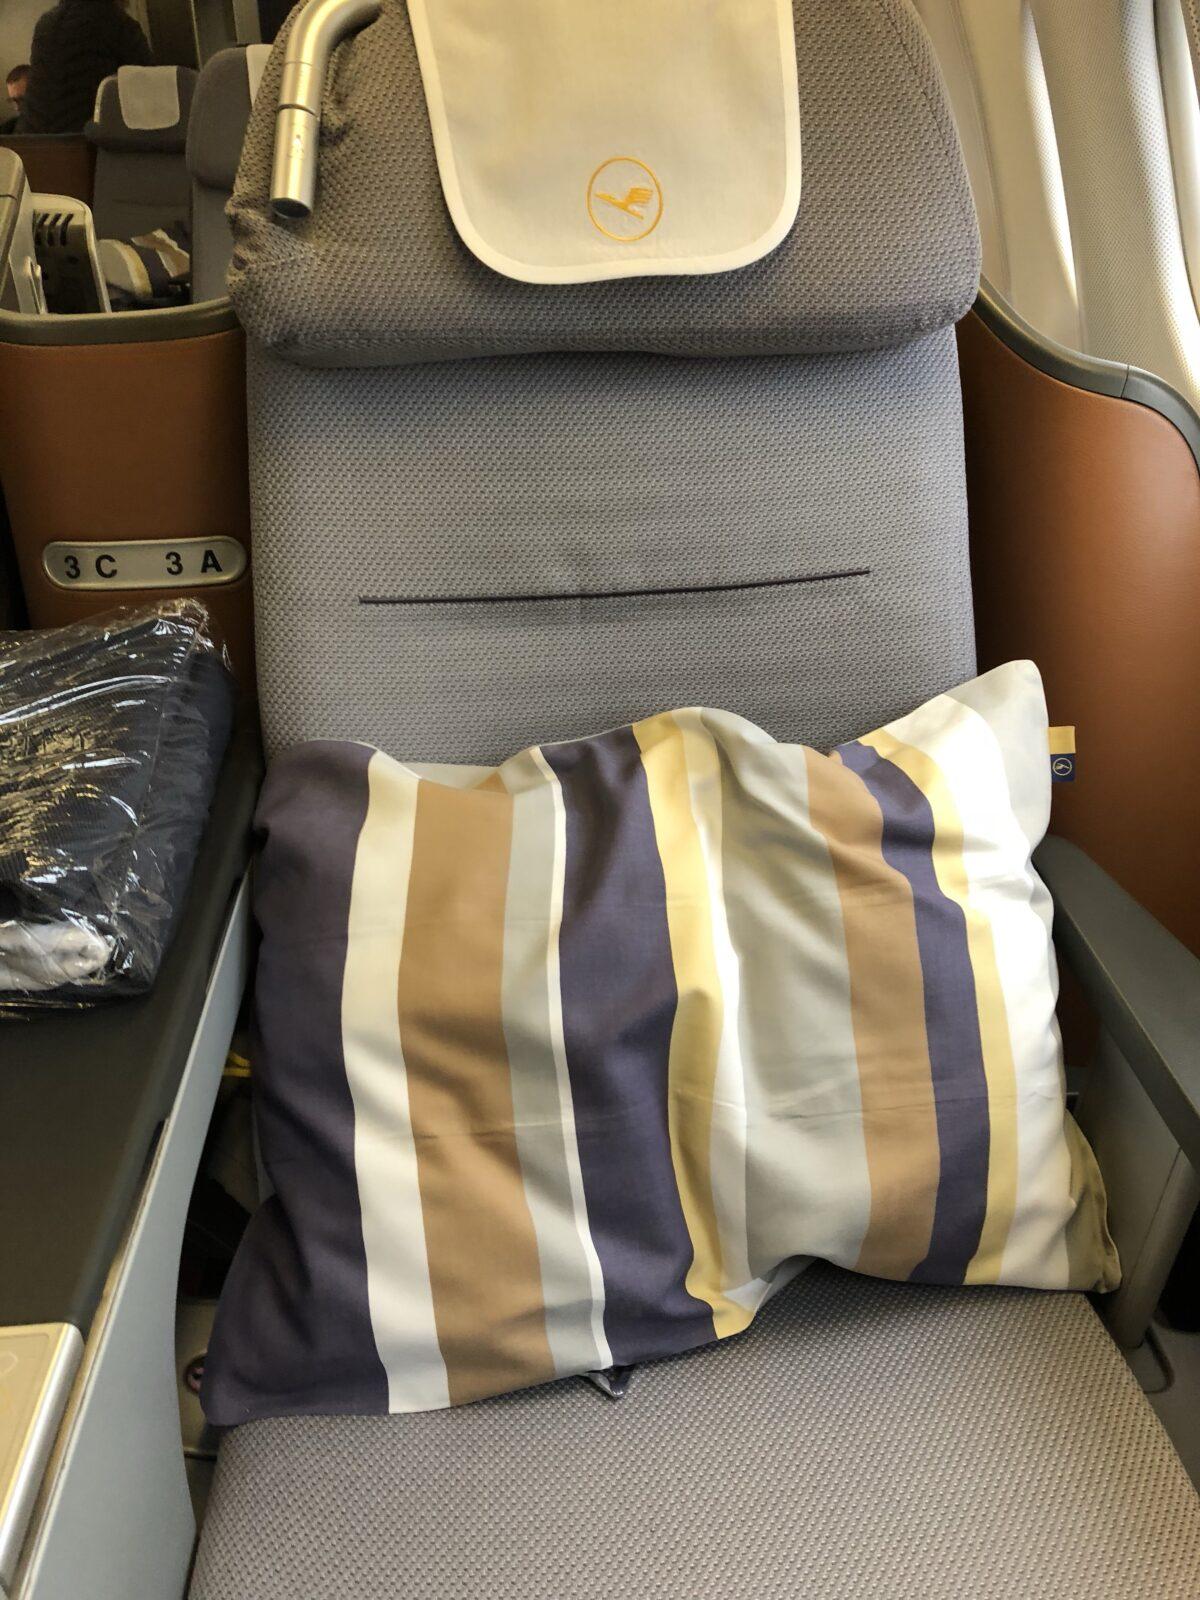 Sitze der Lufthansa Business Class